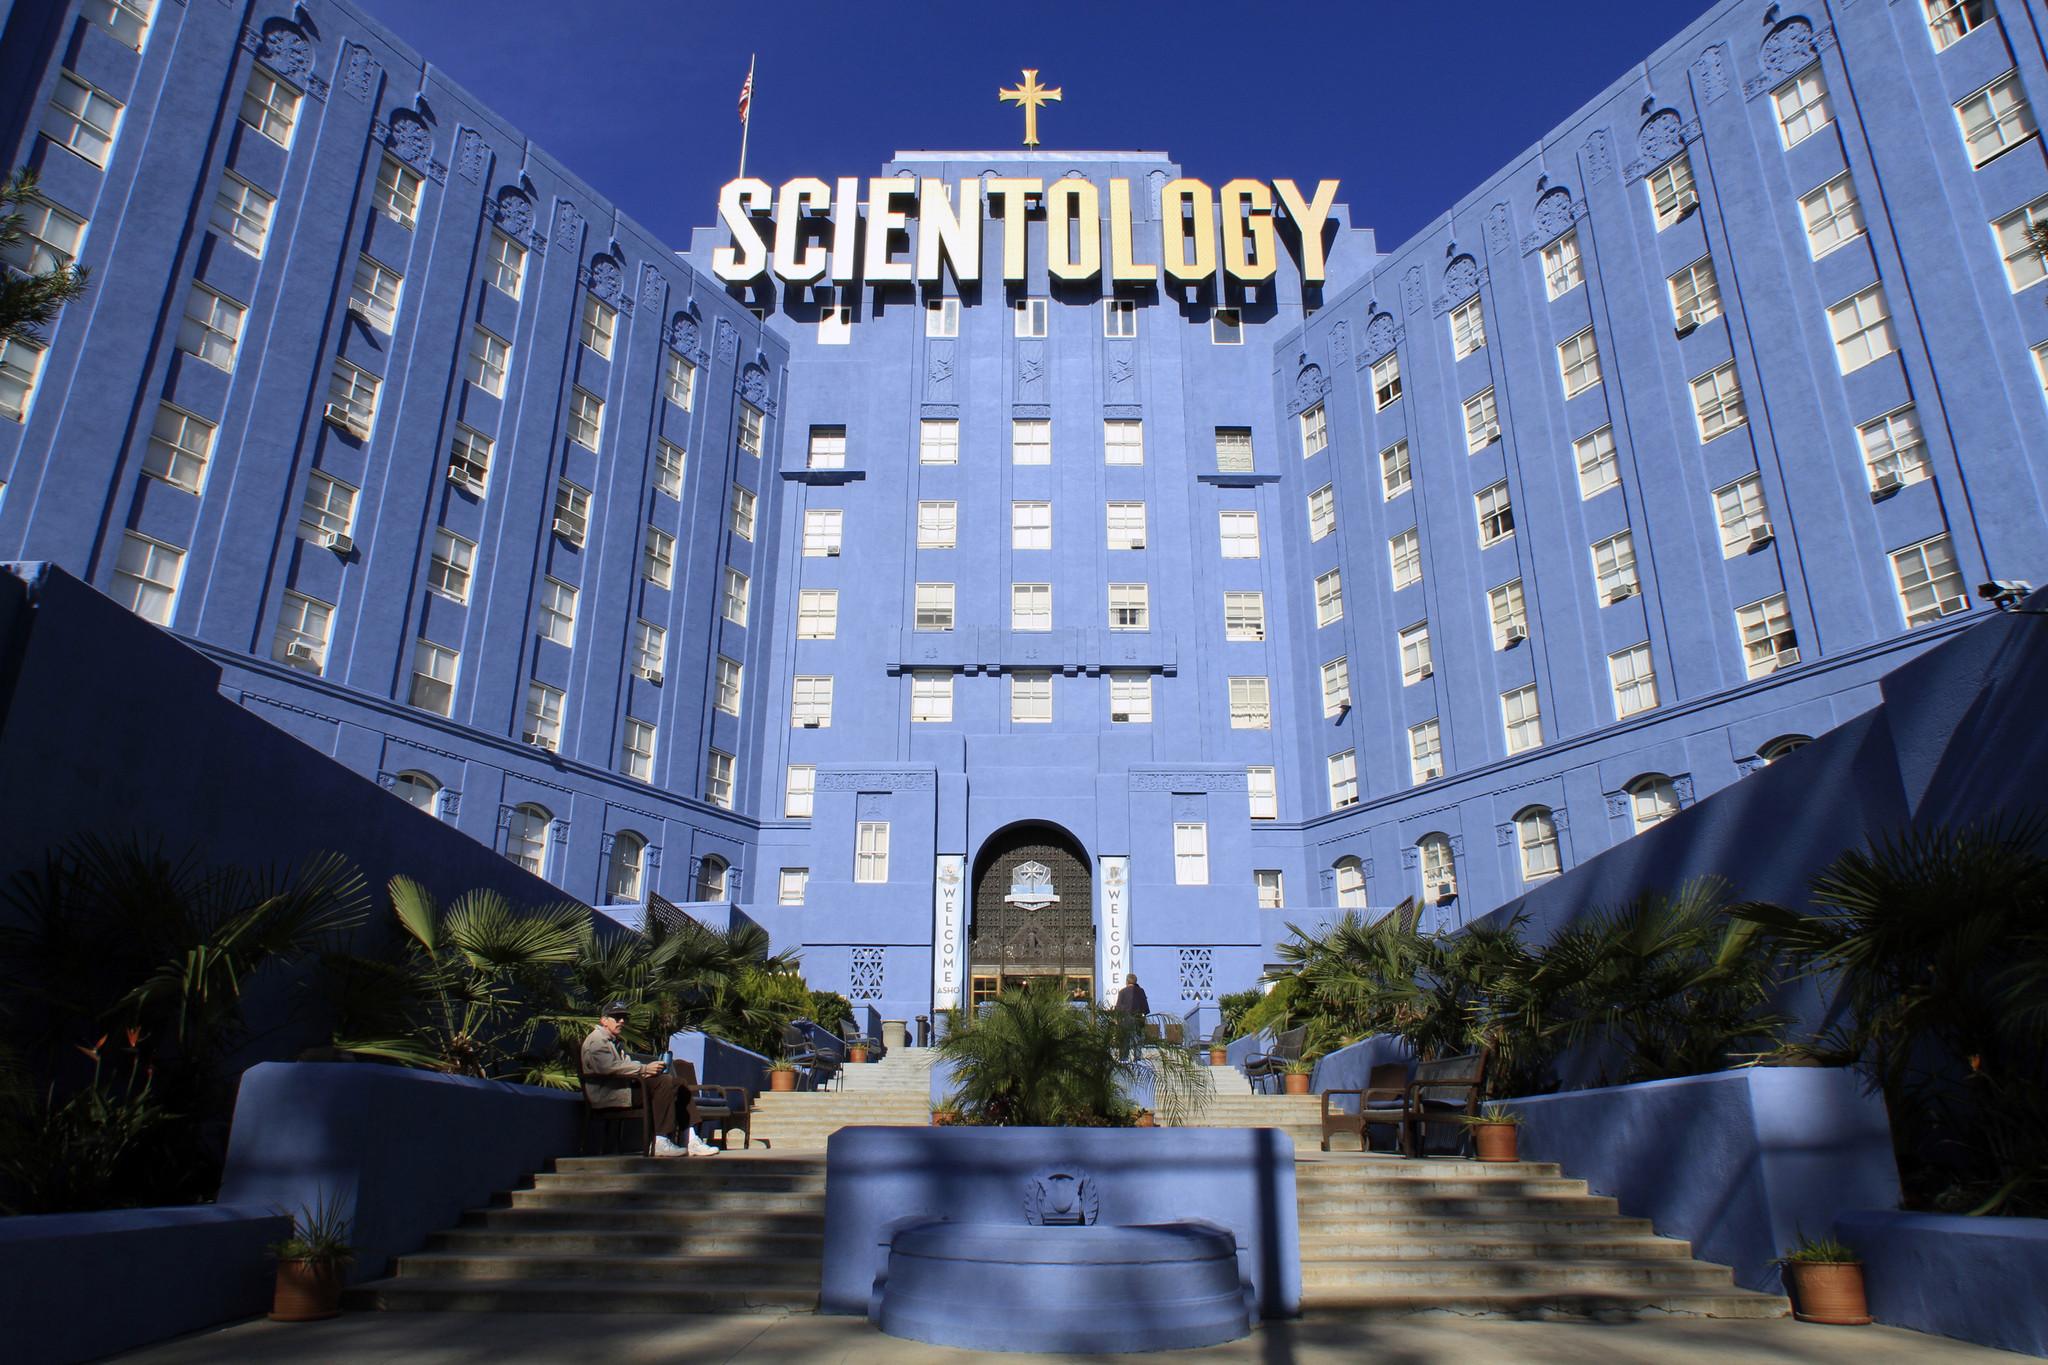 Scientology celebrity center brunch food